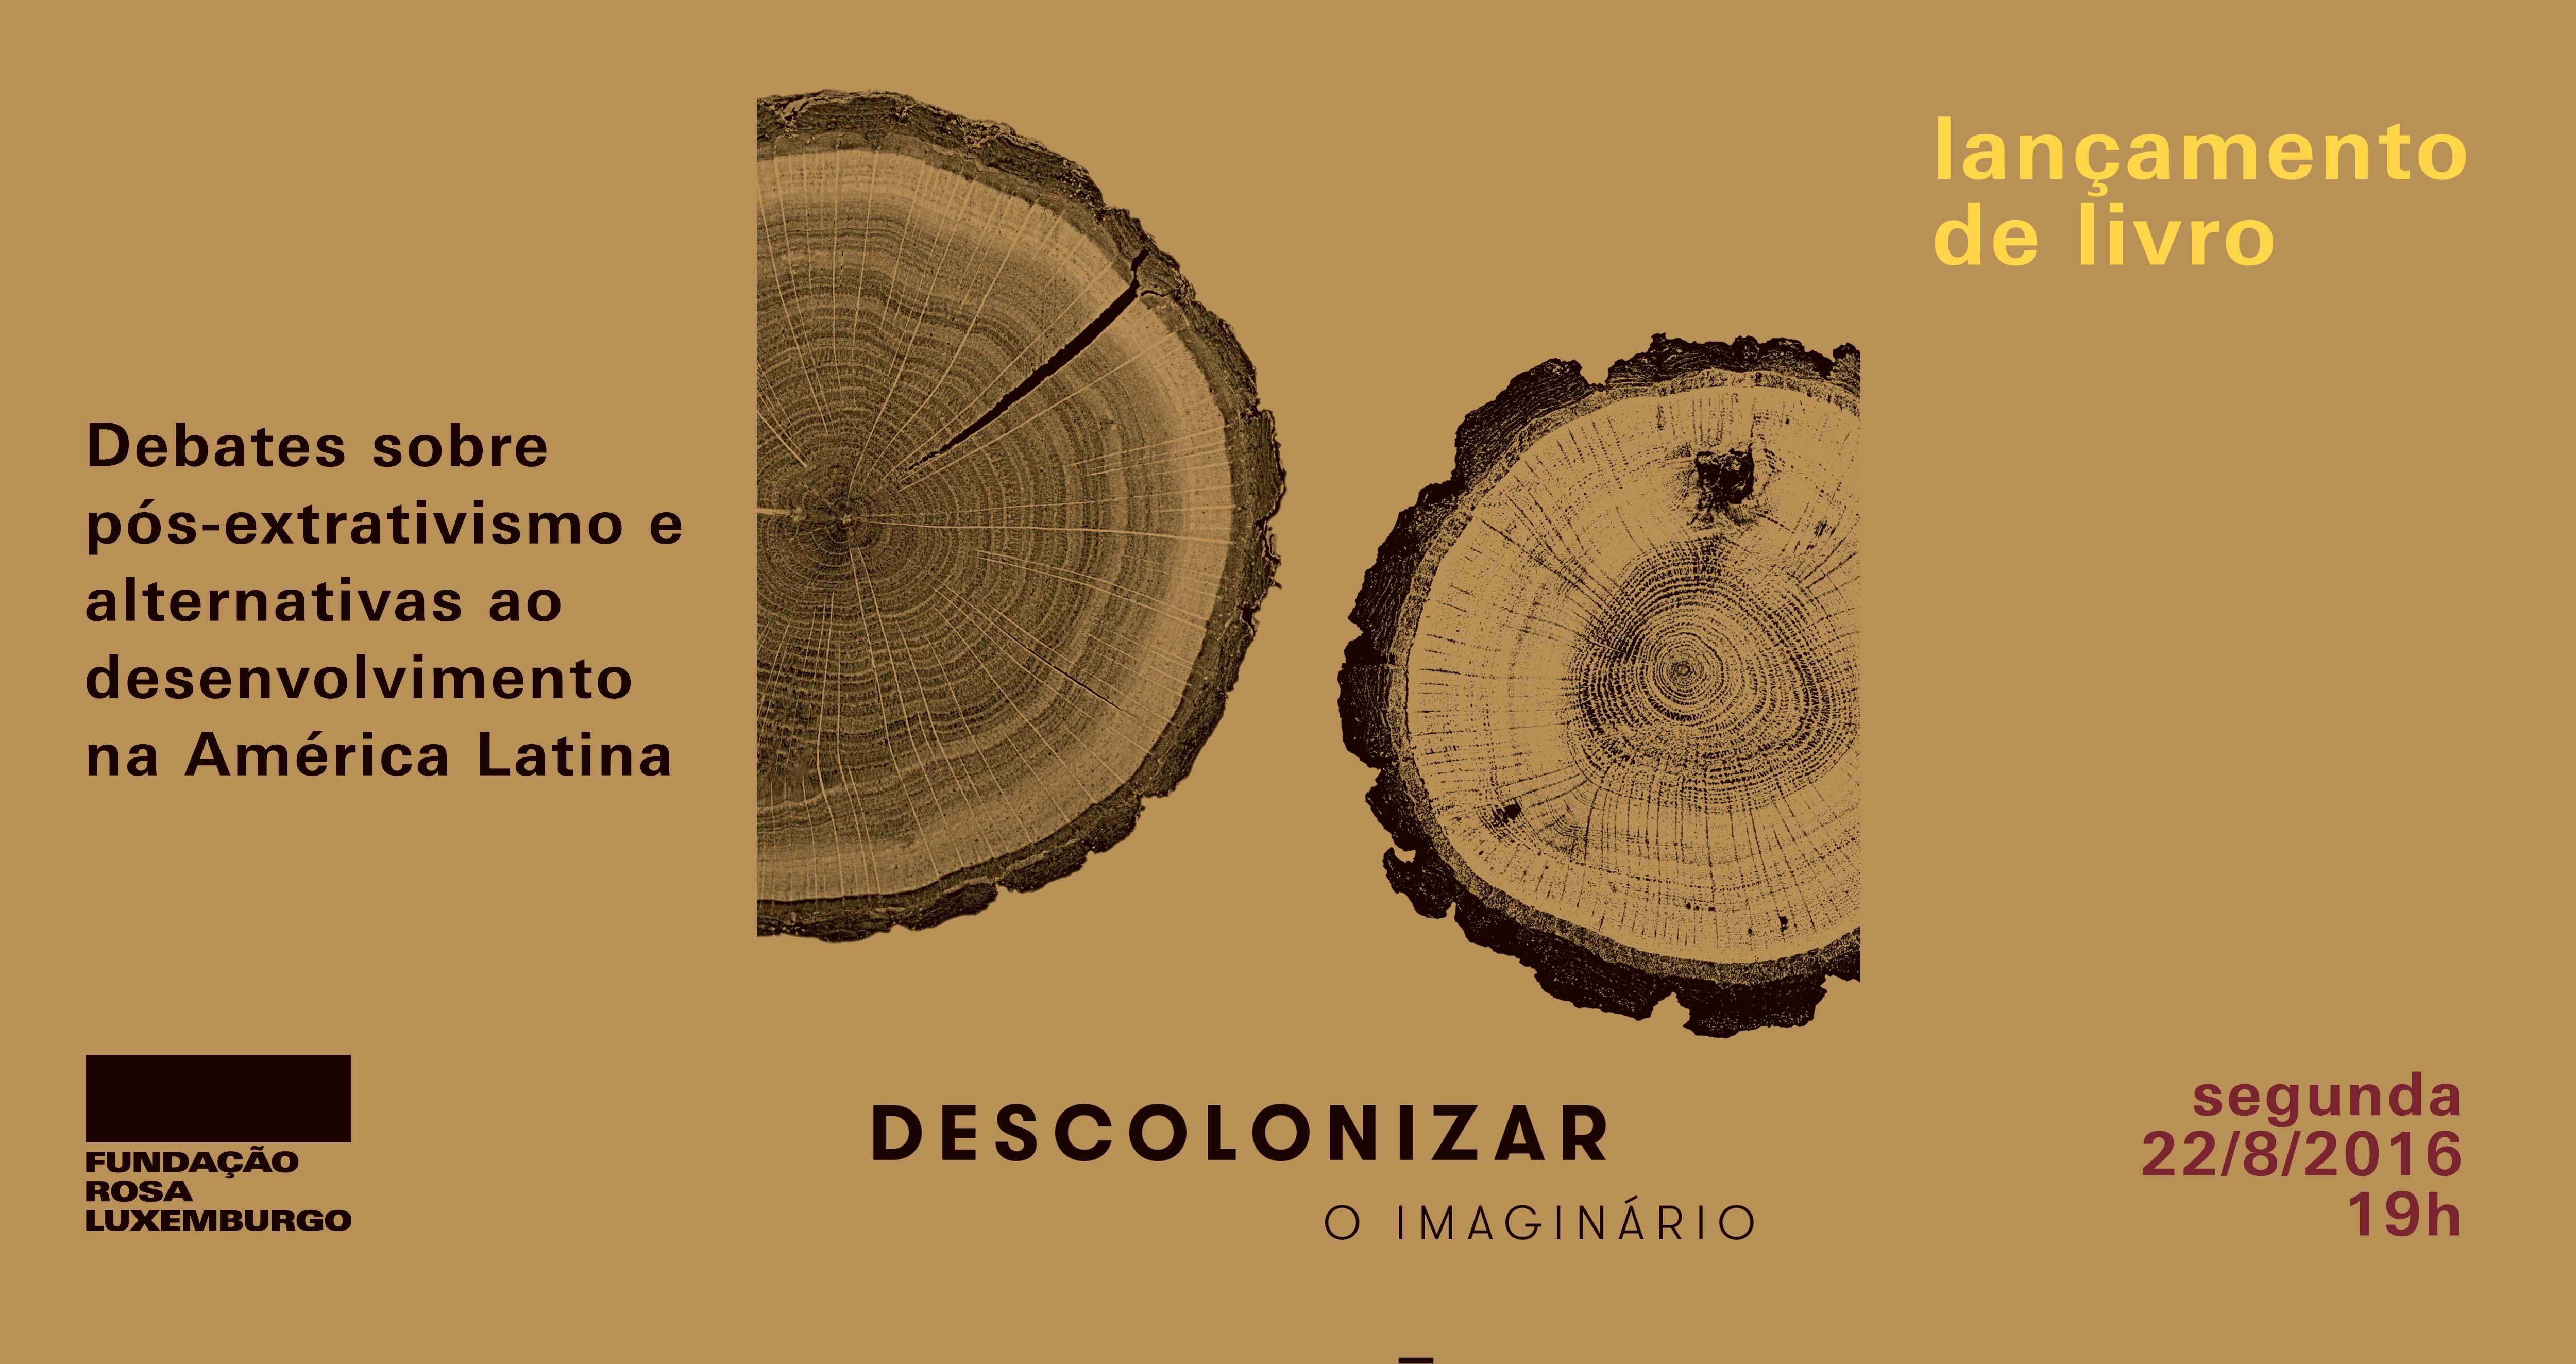 Descolonizar o imaginário